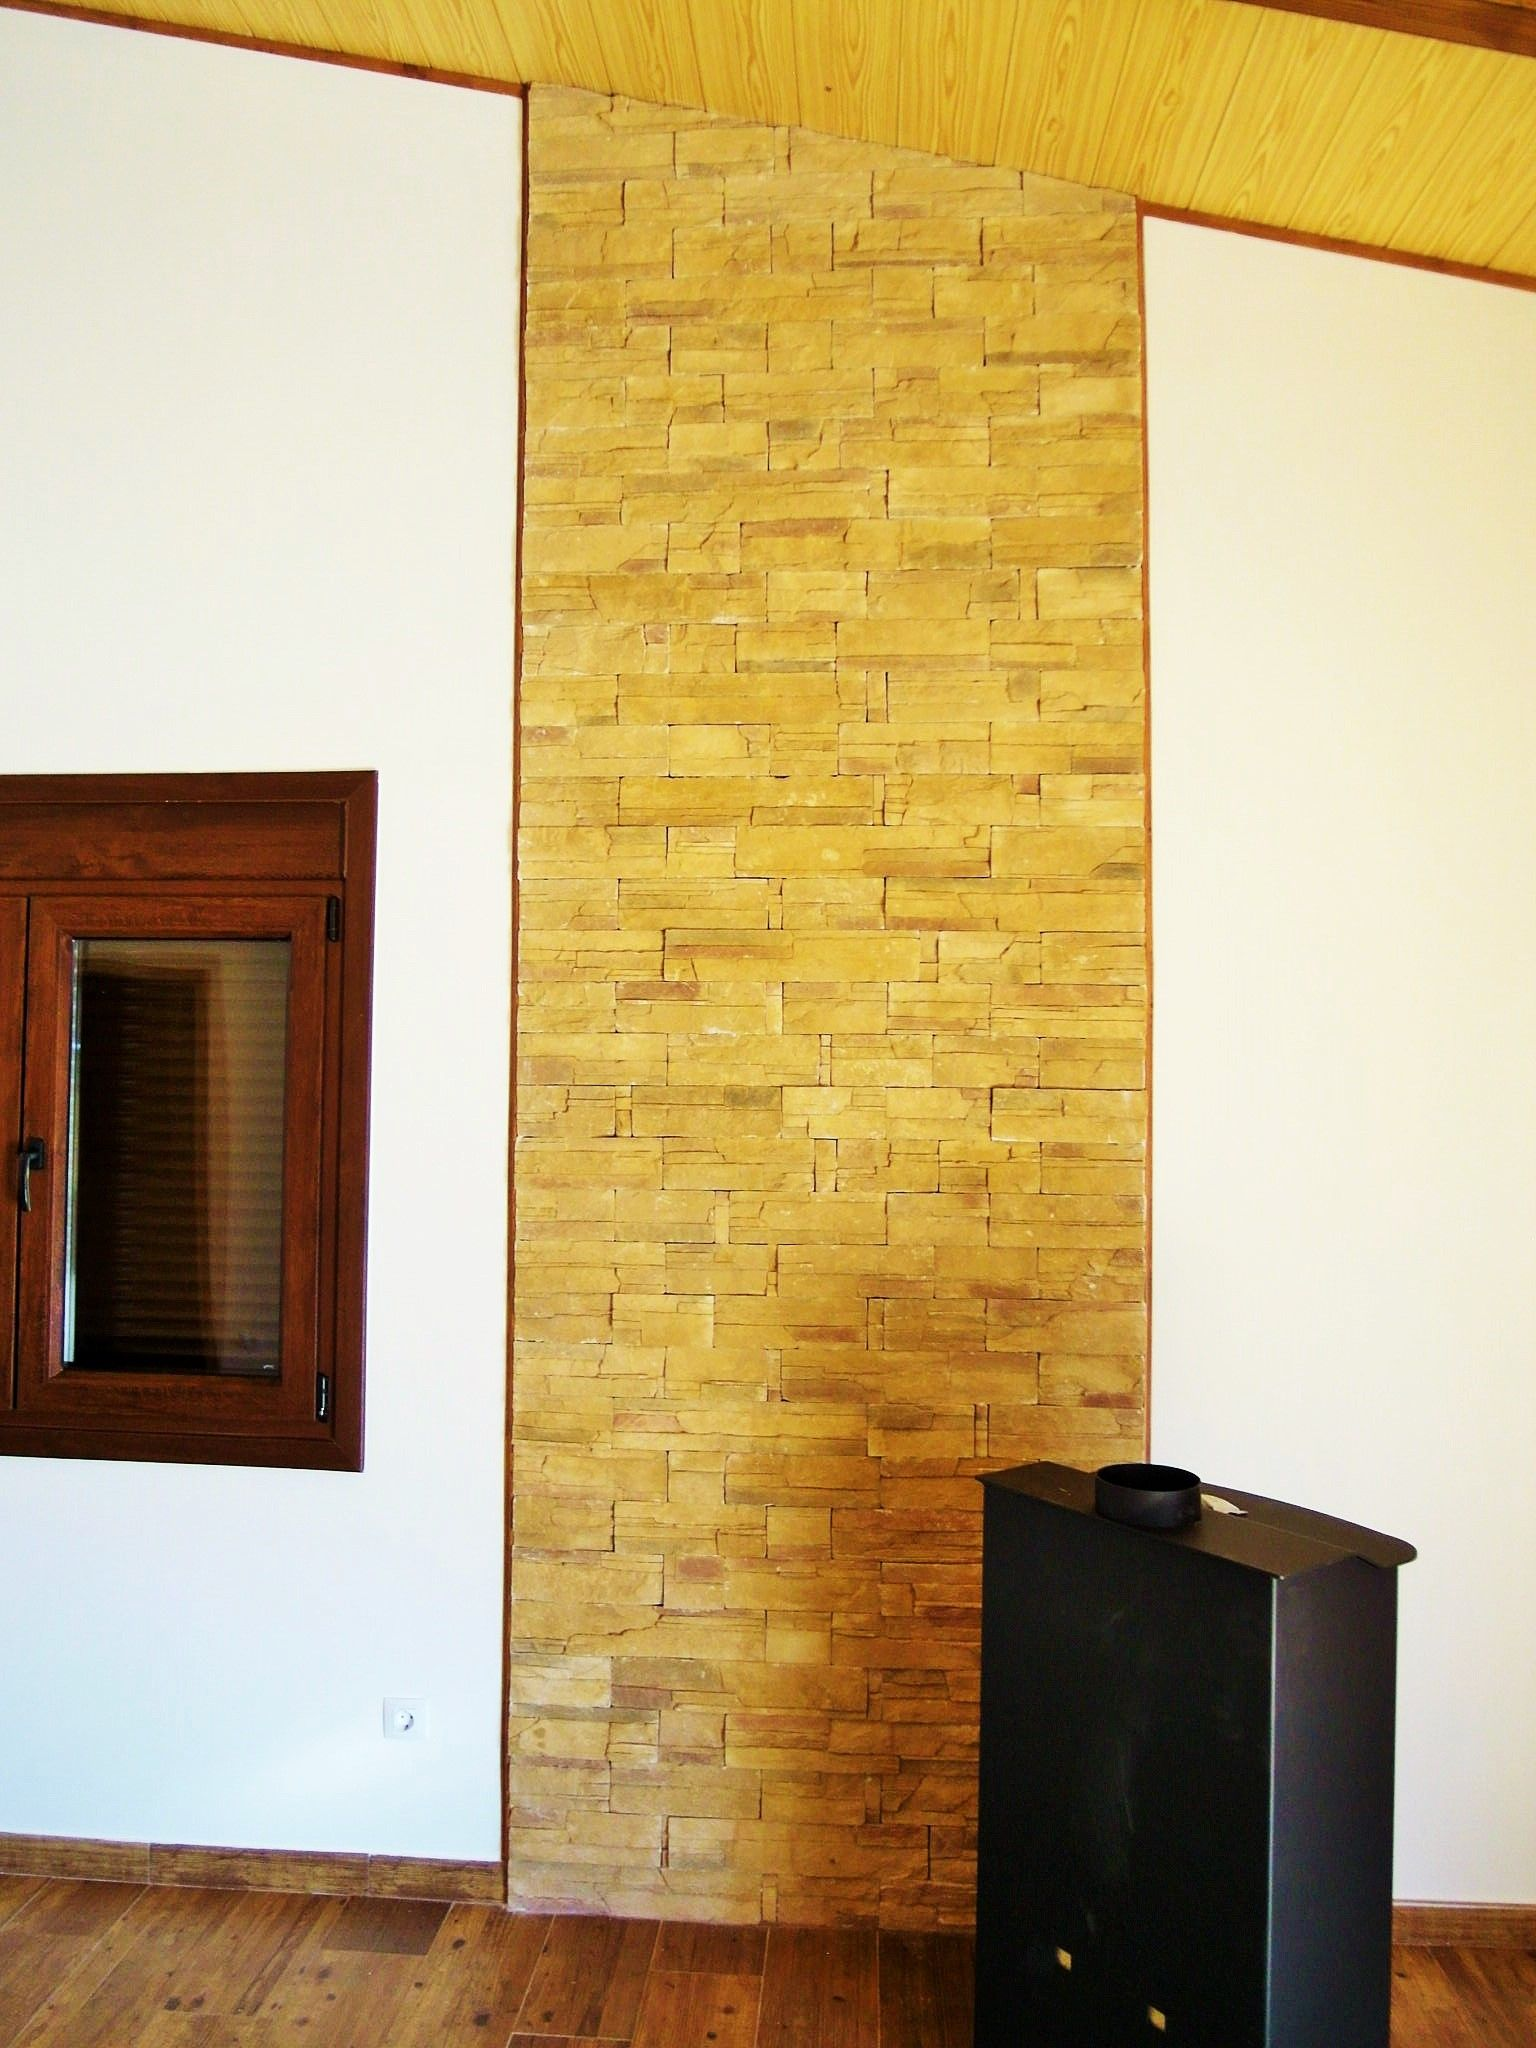 Piedra decorativa para interior casas de acero y hormigon for Precios de piedra decorativa para interiores